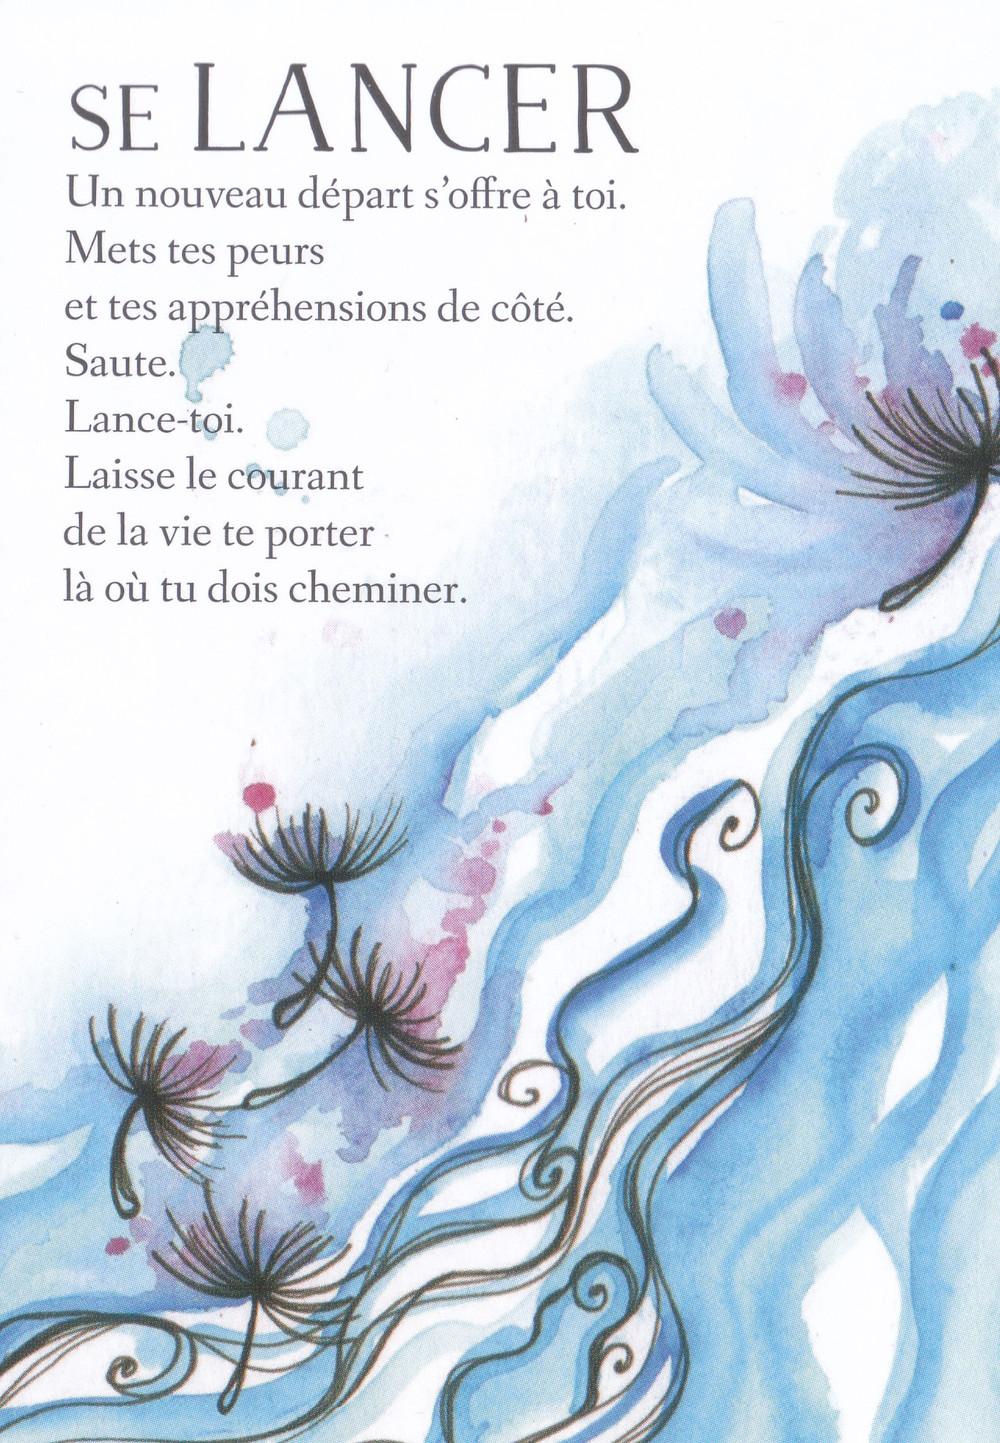 Carte de L'Oracle des messages de ton âme, de Charlotte Daynes - Se Lancer -  Conseils pour le 27-30 novembre (Portail du 29-11, Pleine Lune-Éclipse du 30) : Être Présent à Soi